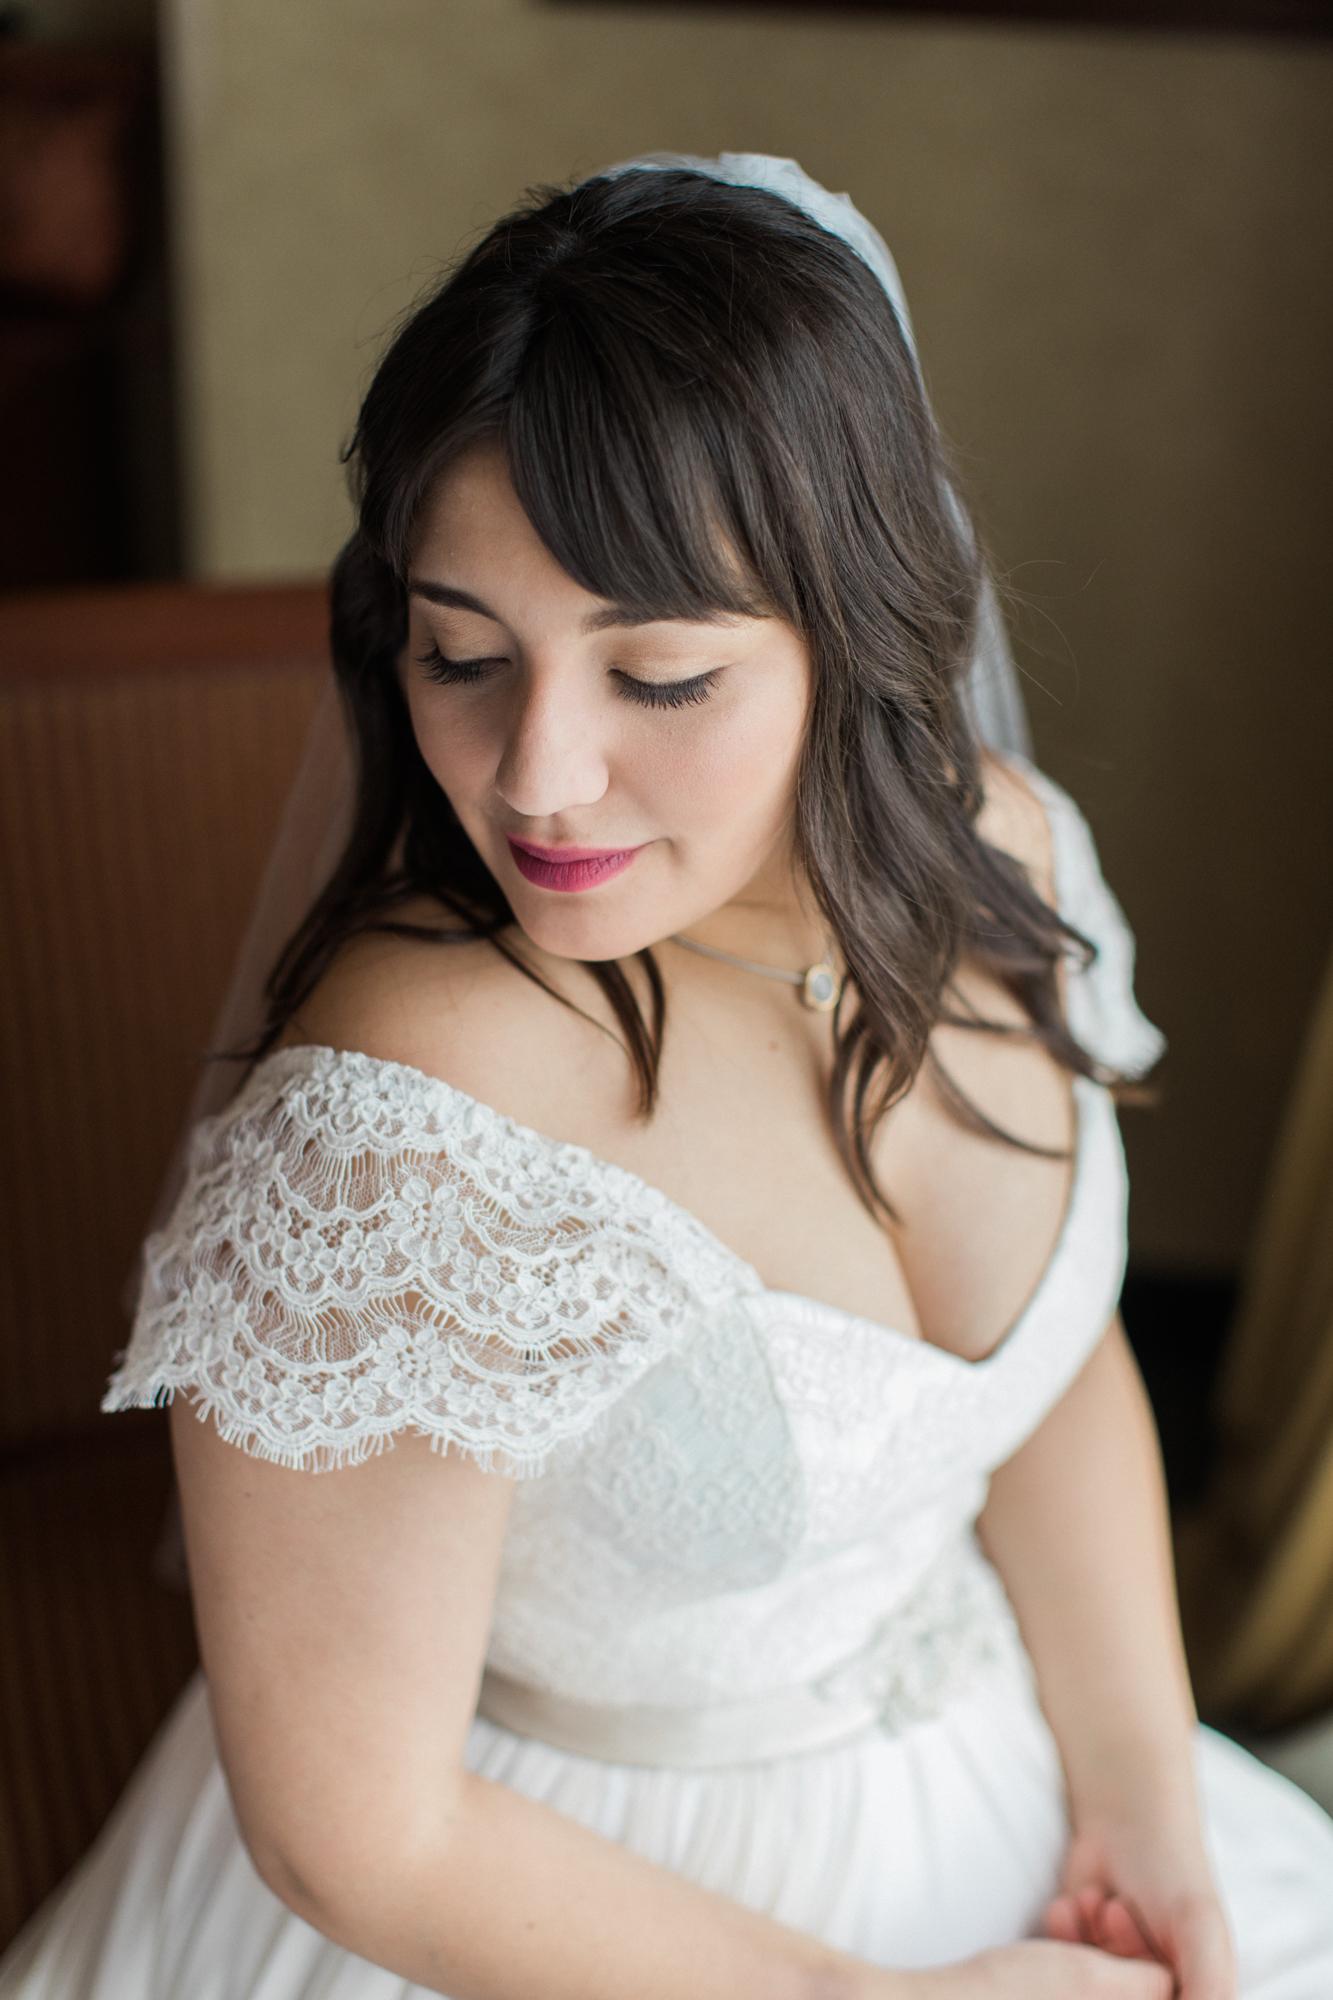 roccaberryfarmnewedding1.jpg